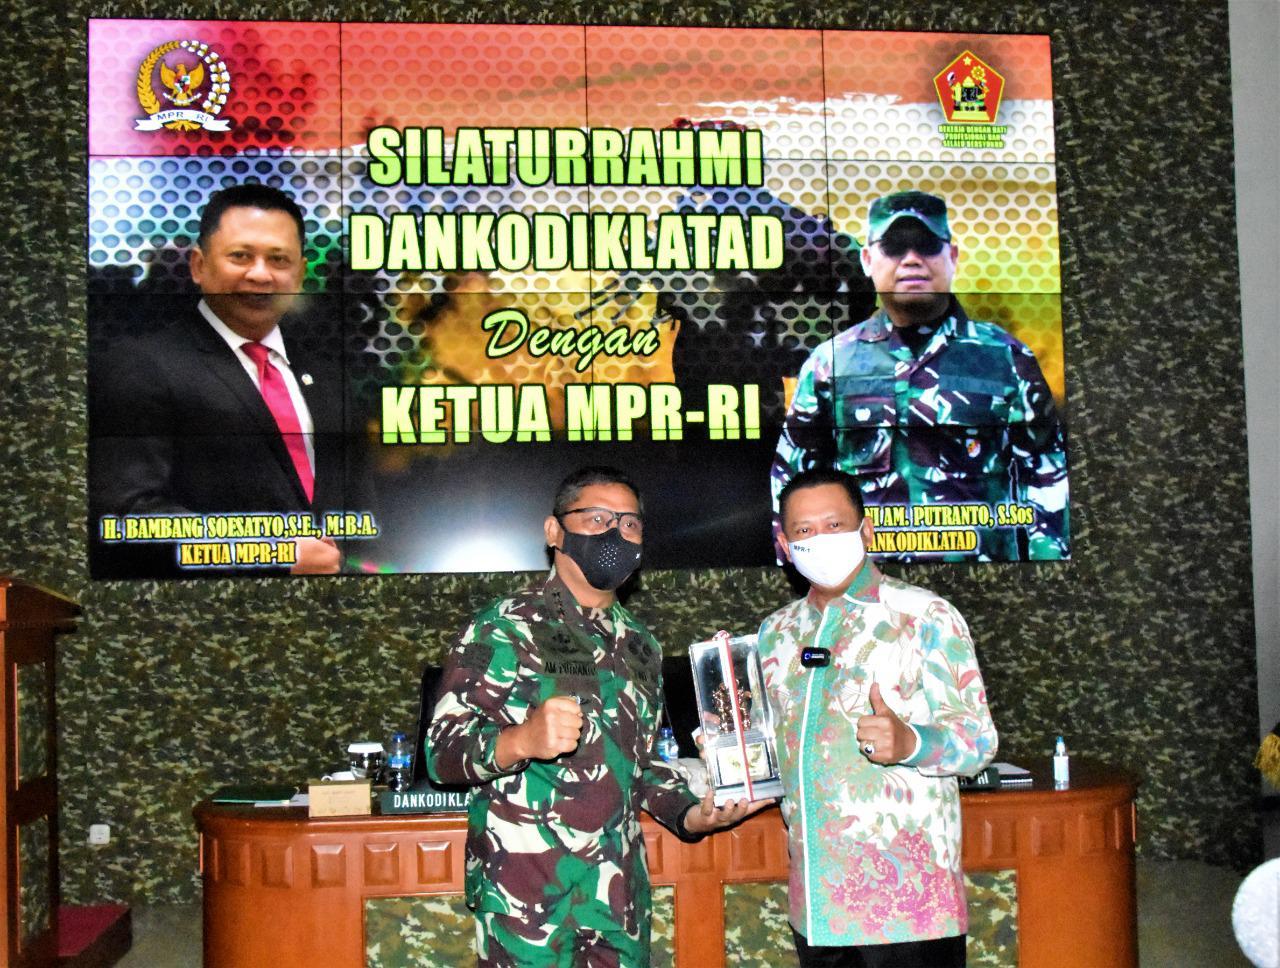 Ketua MPR-RI Kunjungi Makodiklatad Dalam Rangka Silaturahmi dengan Dankodiklatad